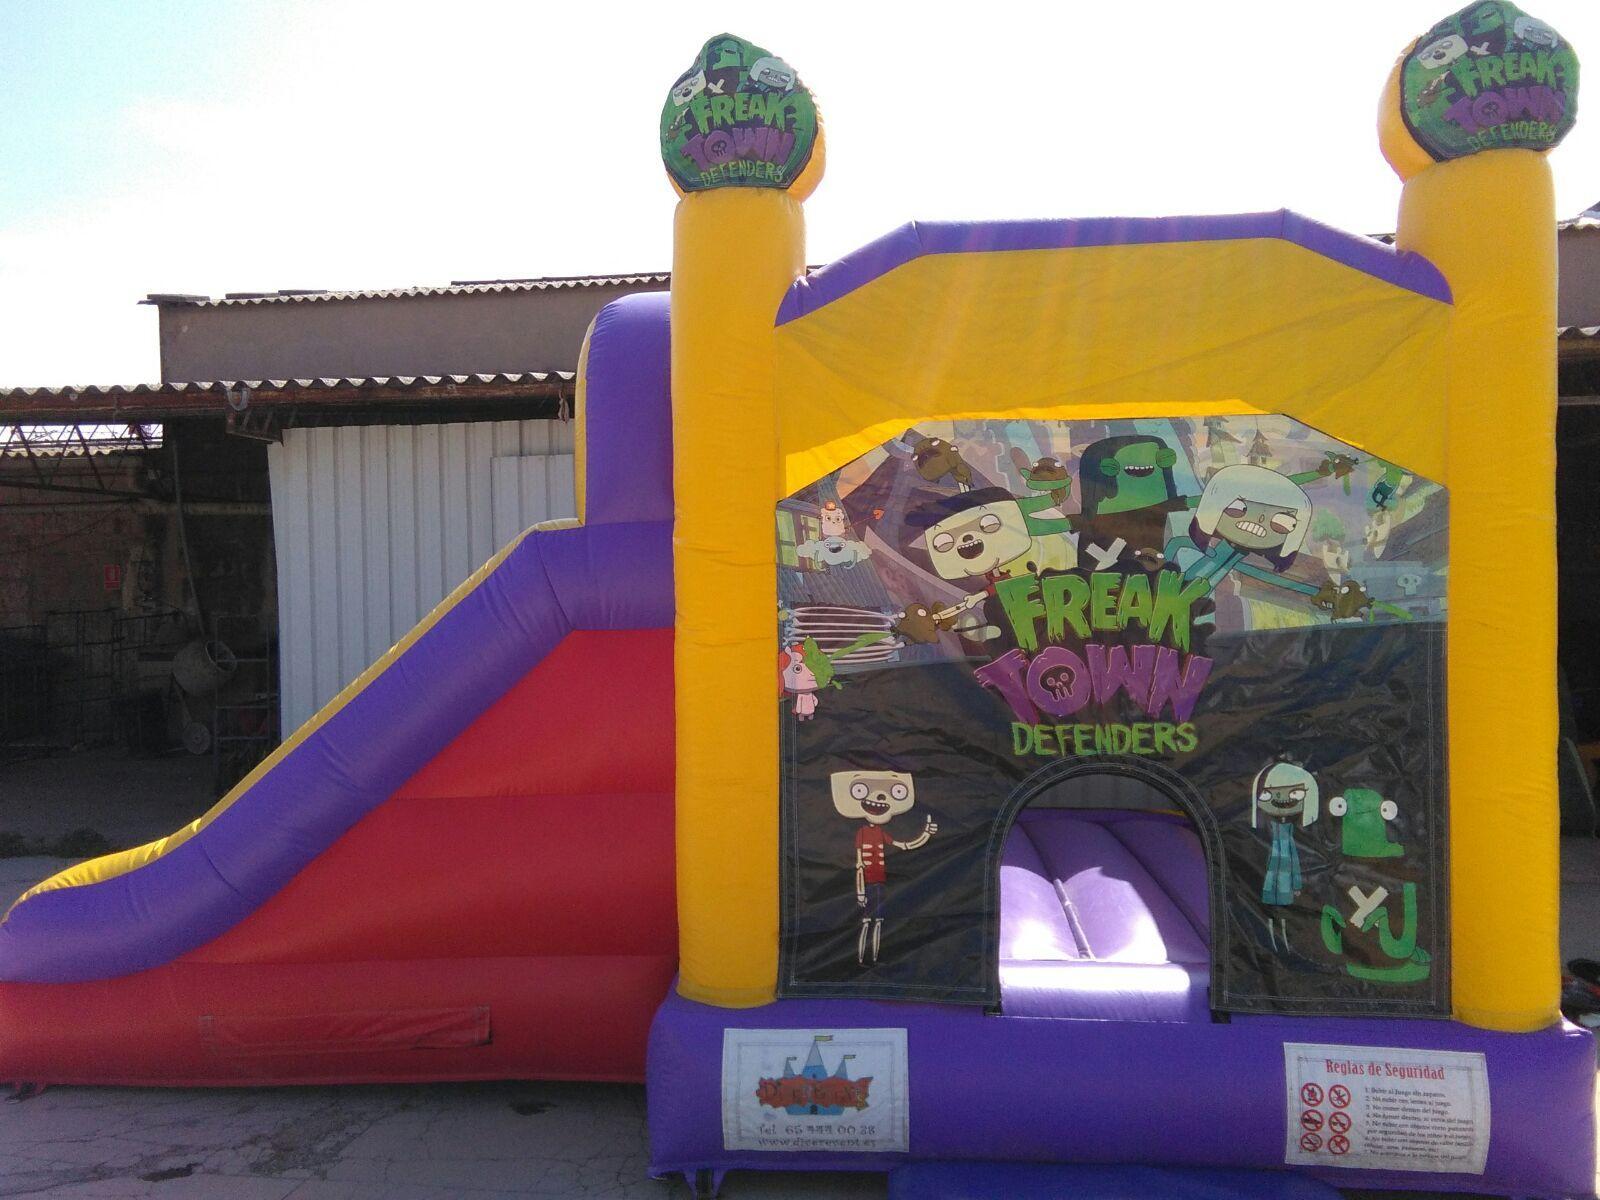 Castillo 7*4'5 Freak Town